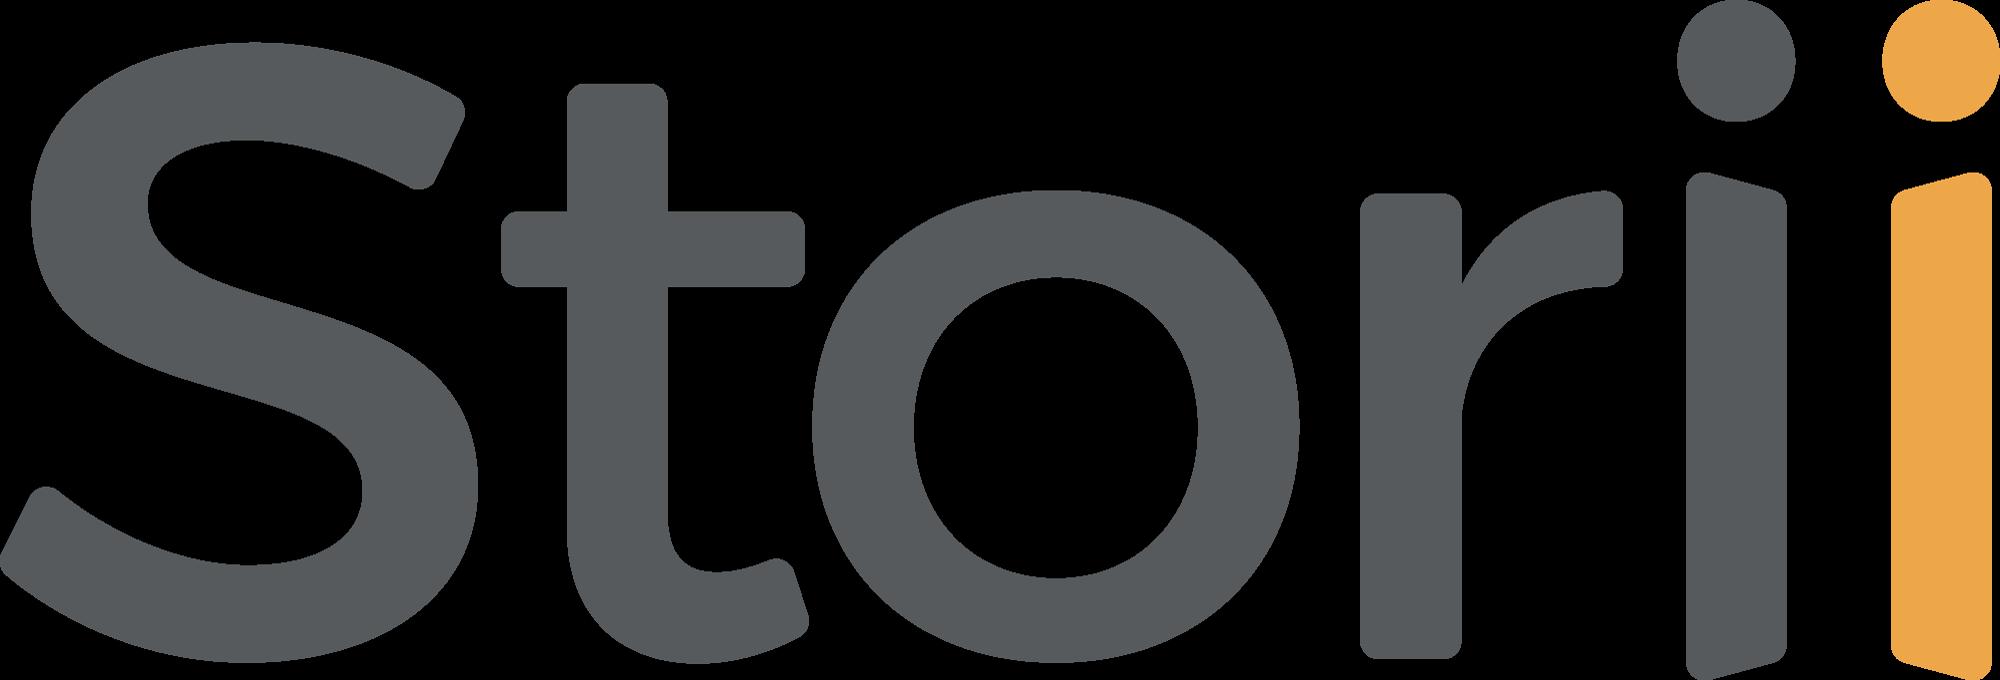 Storii Logo